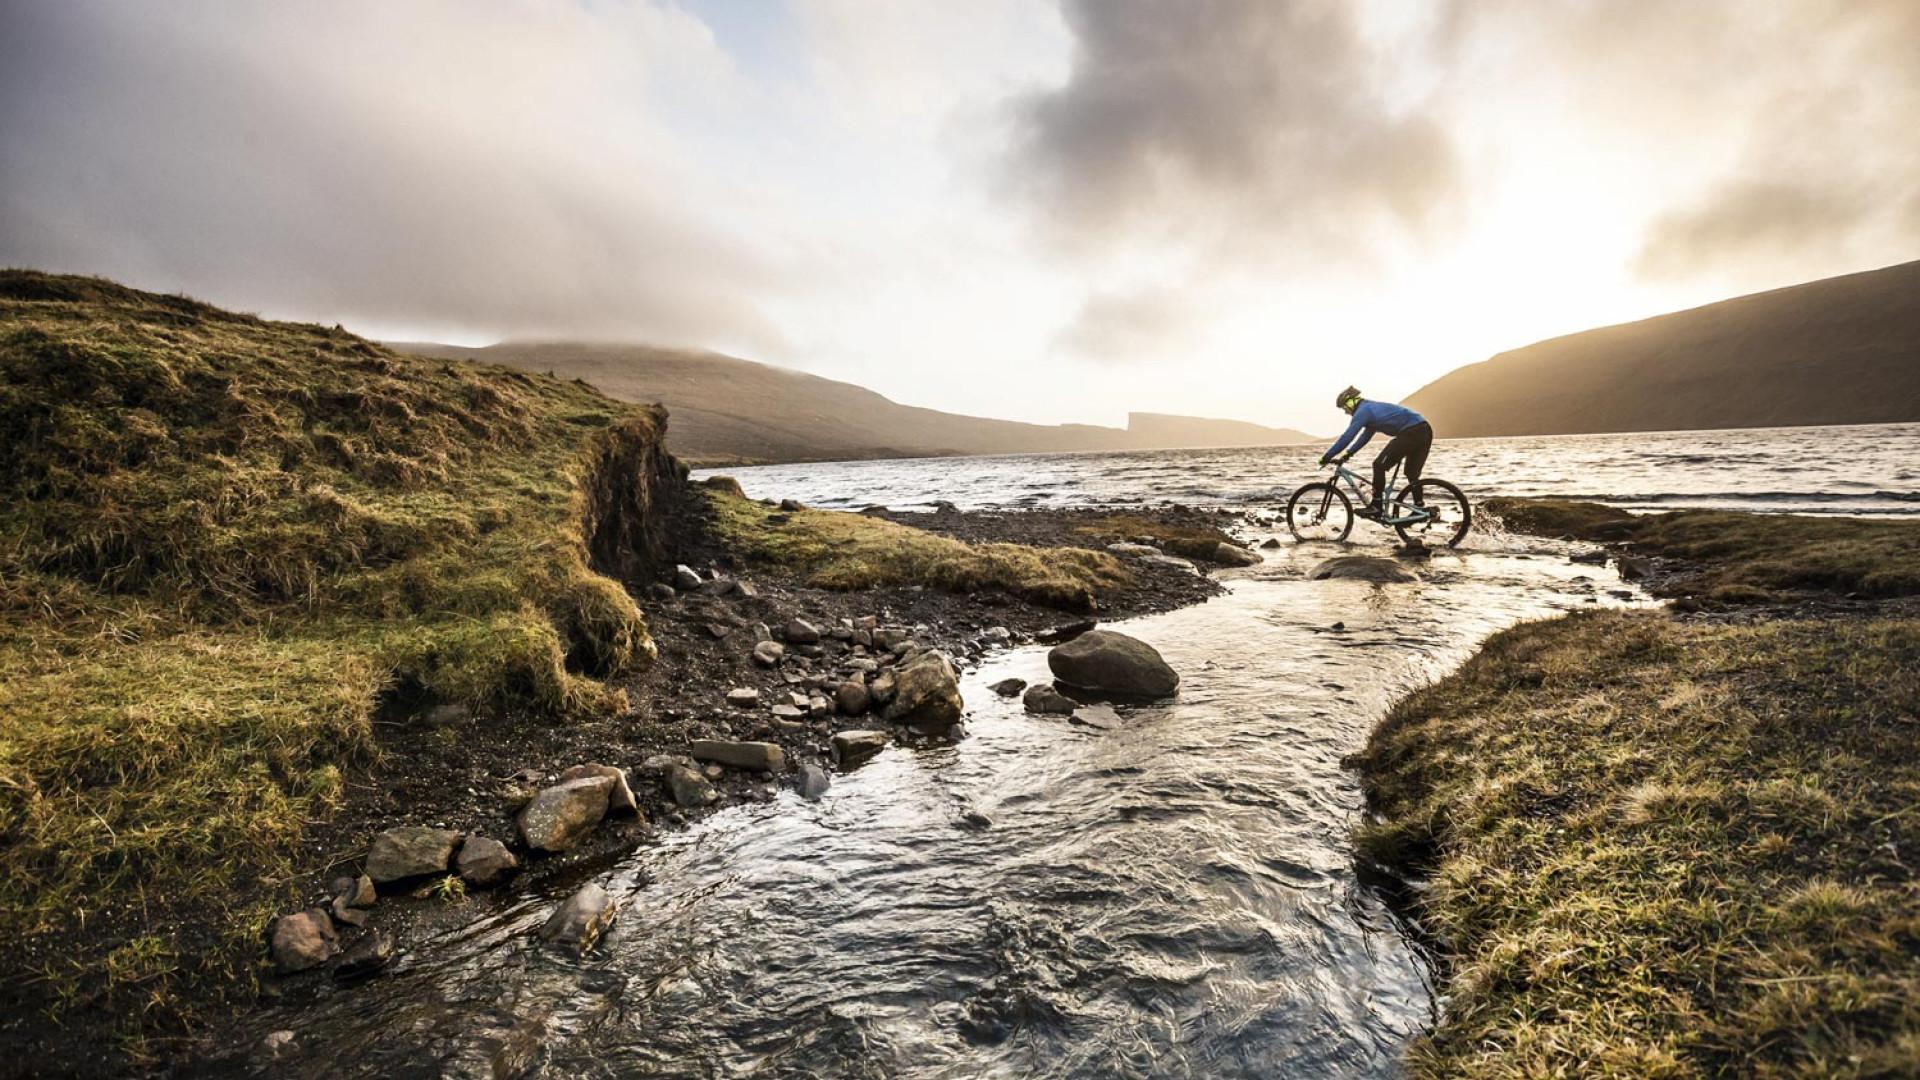 Mountain biking in the Faroe Islands